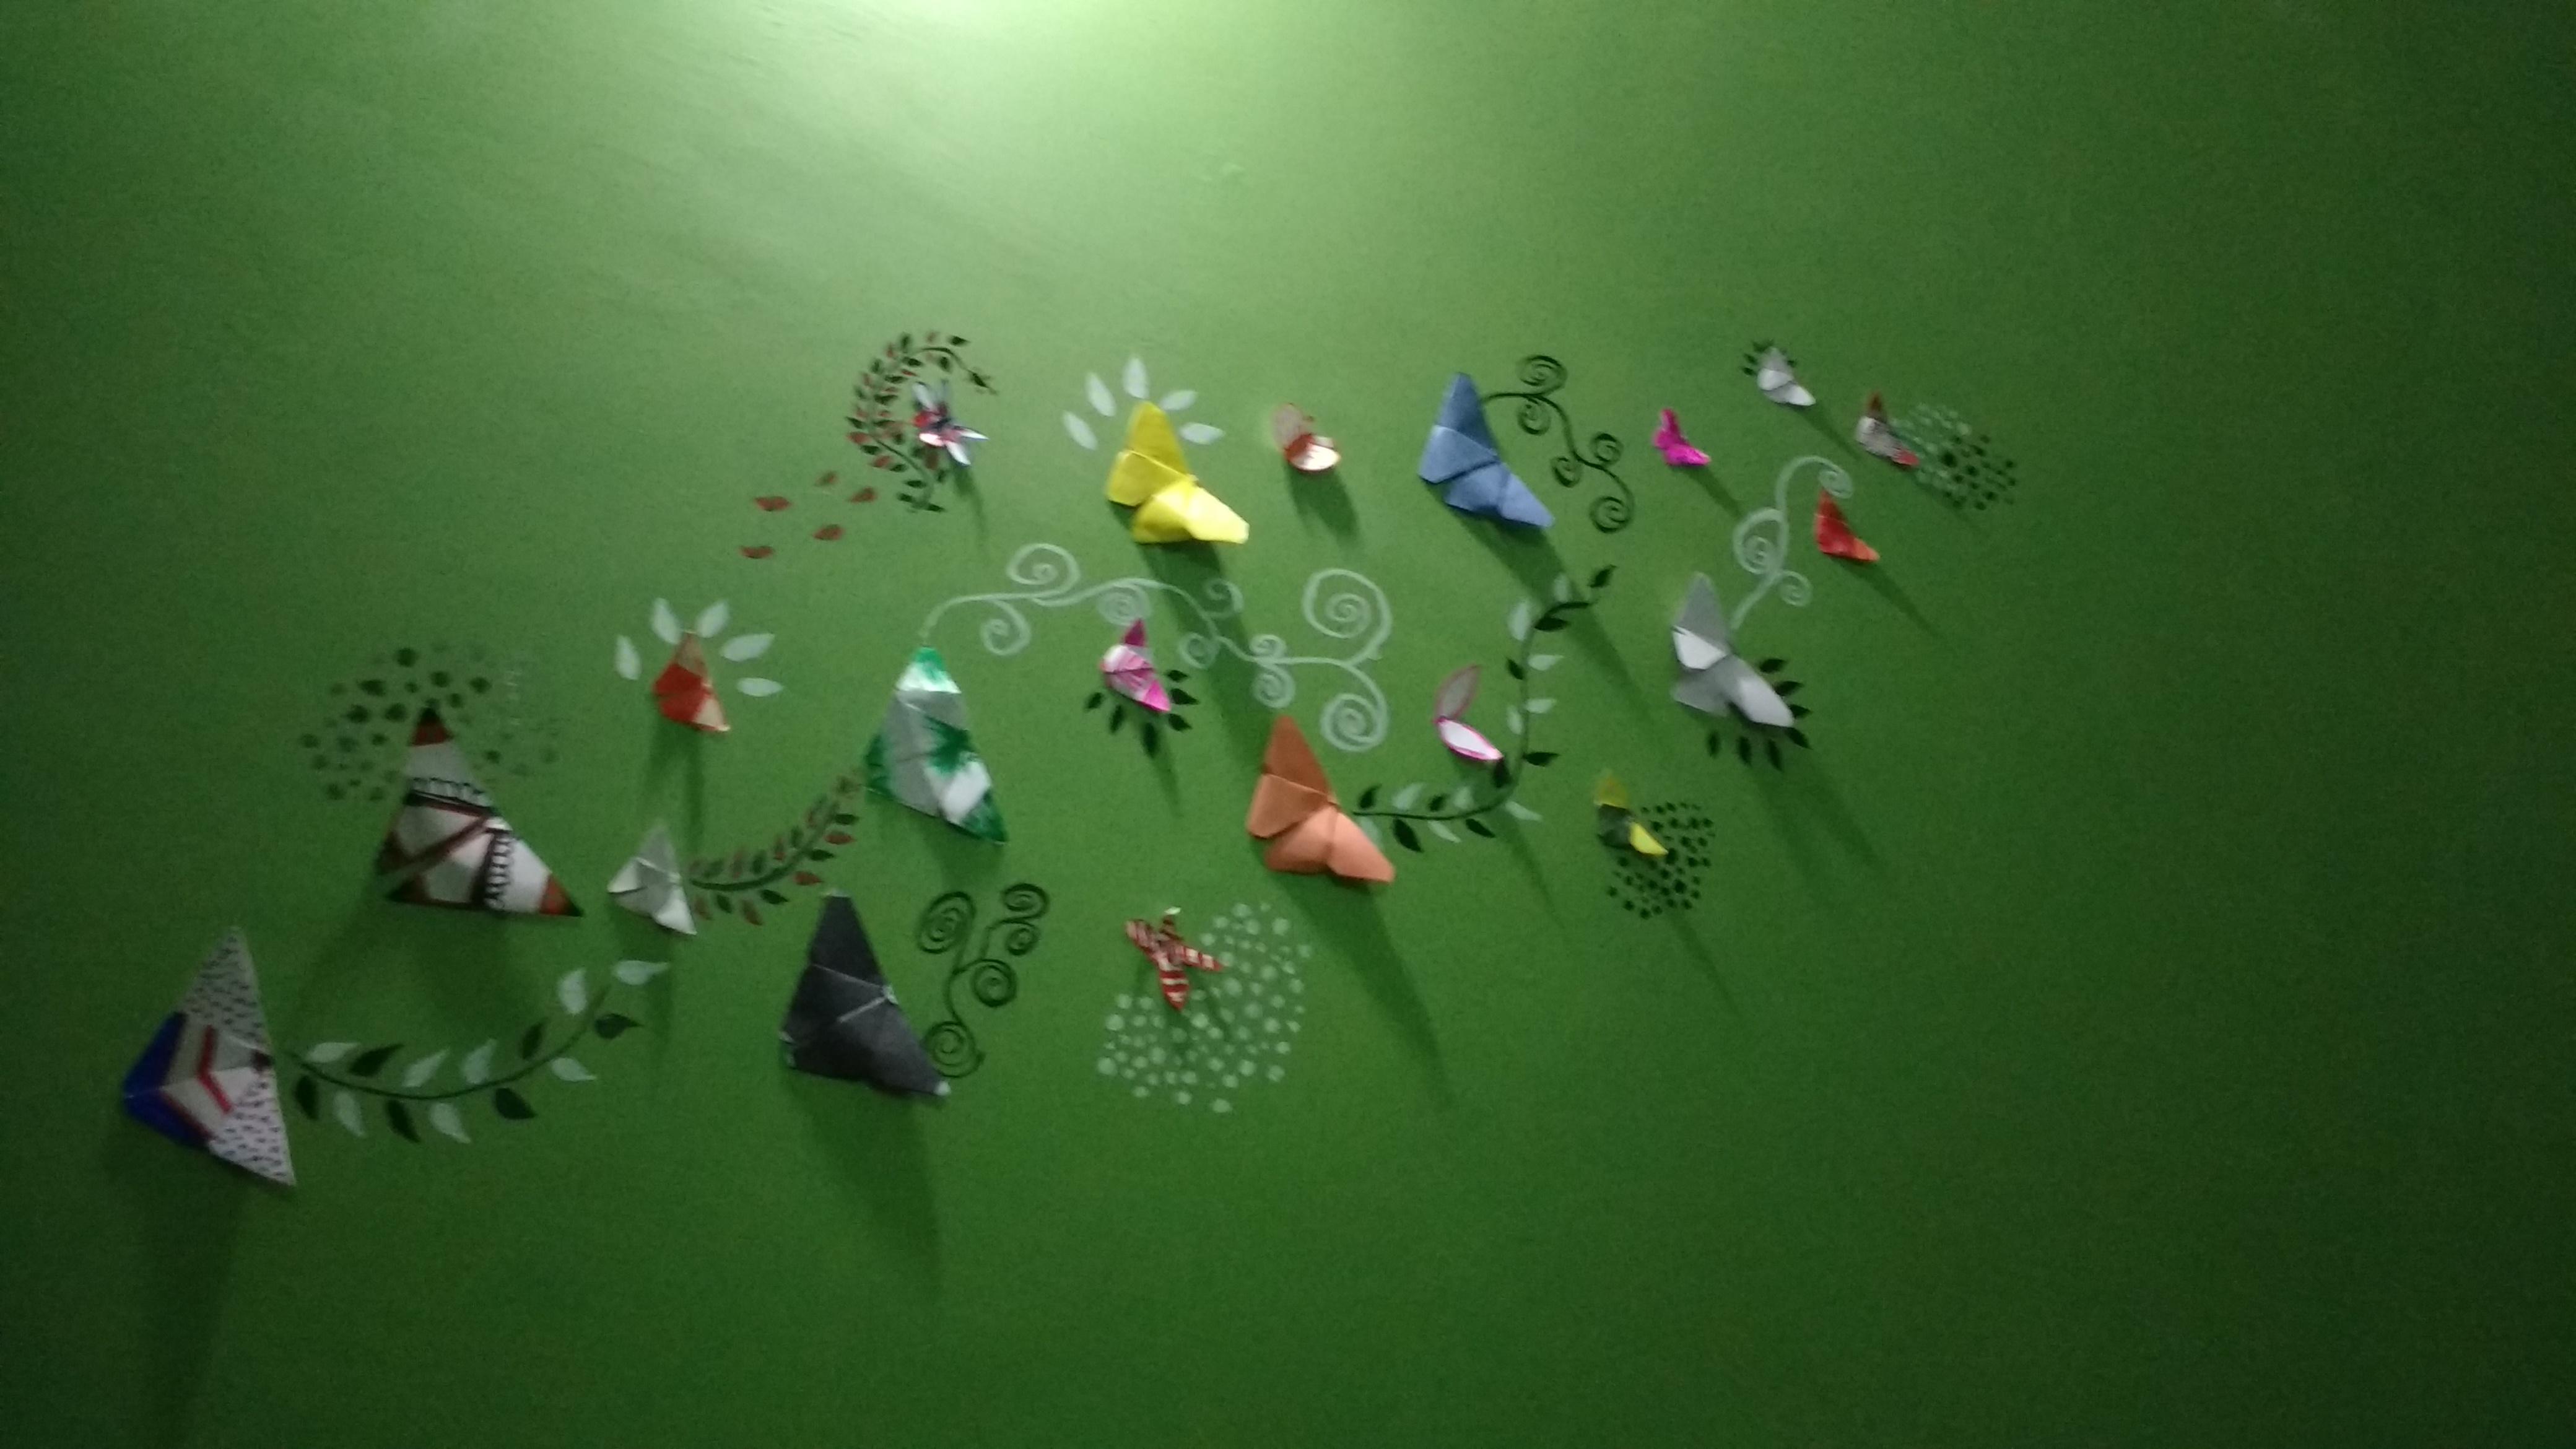 Wall creativity